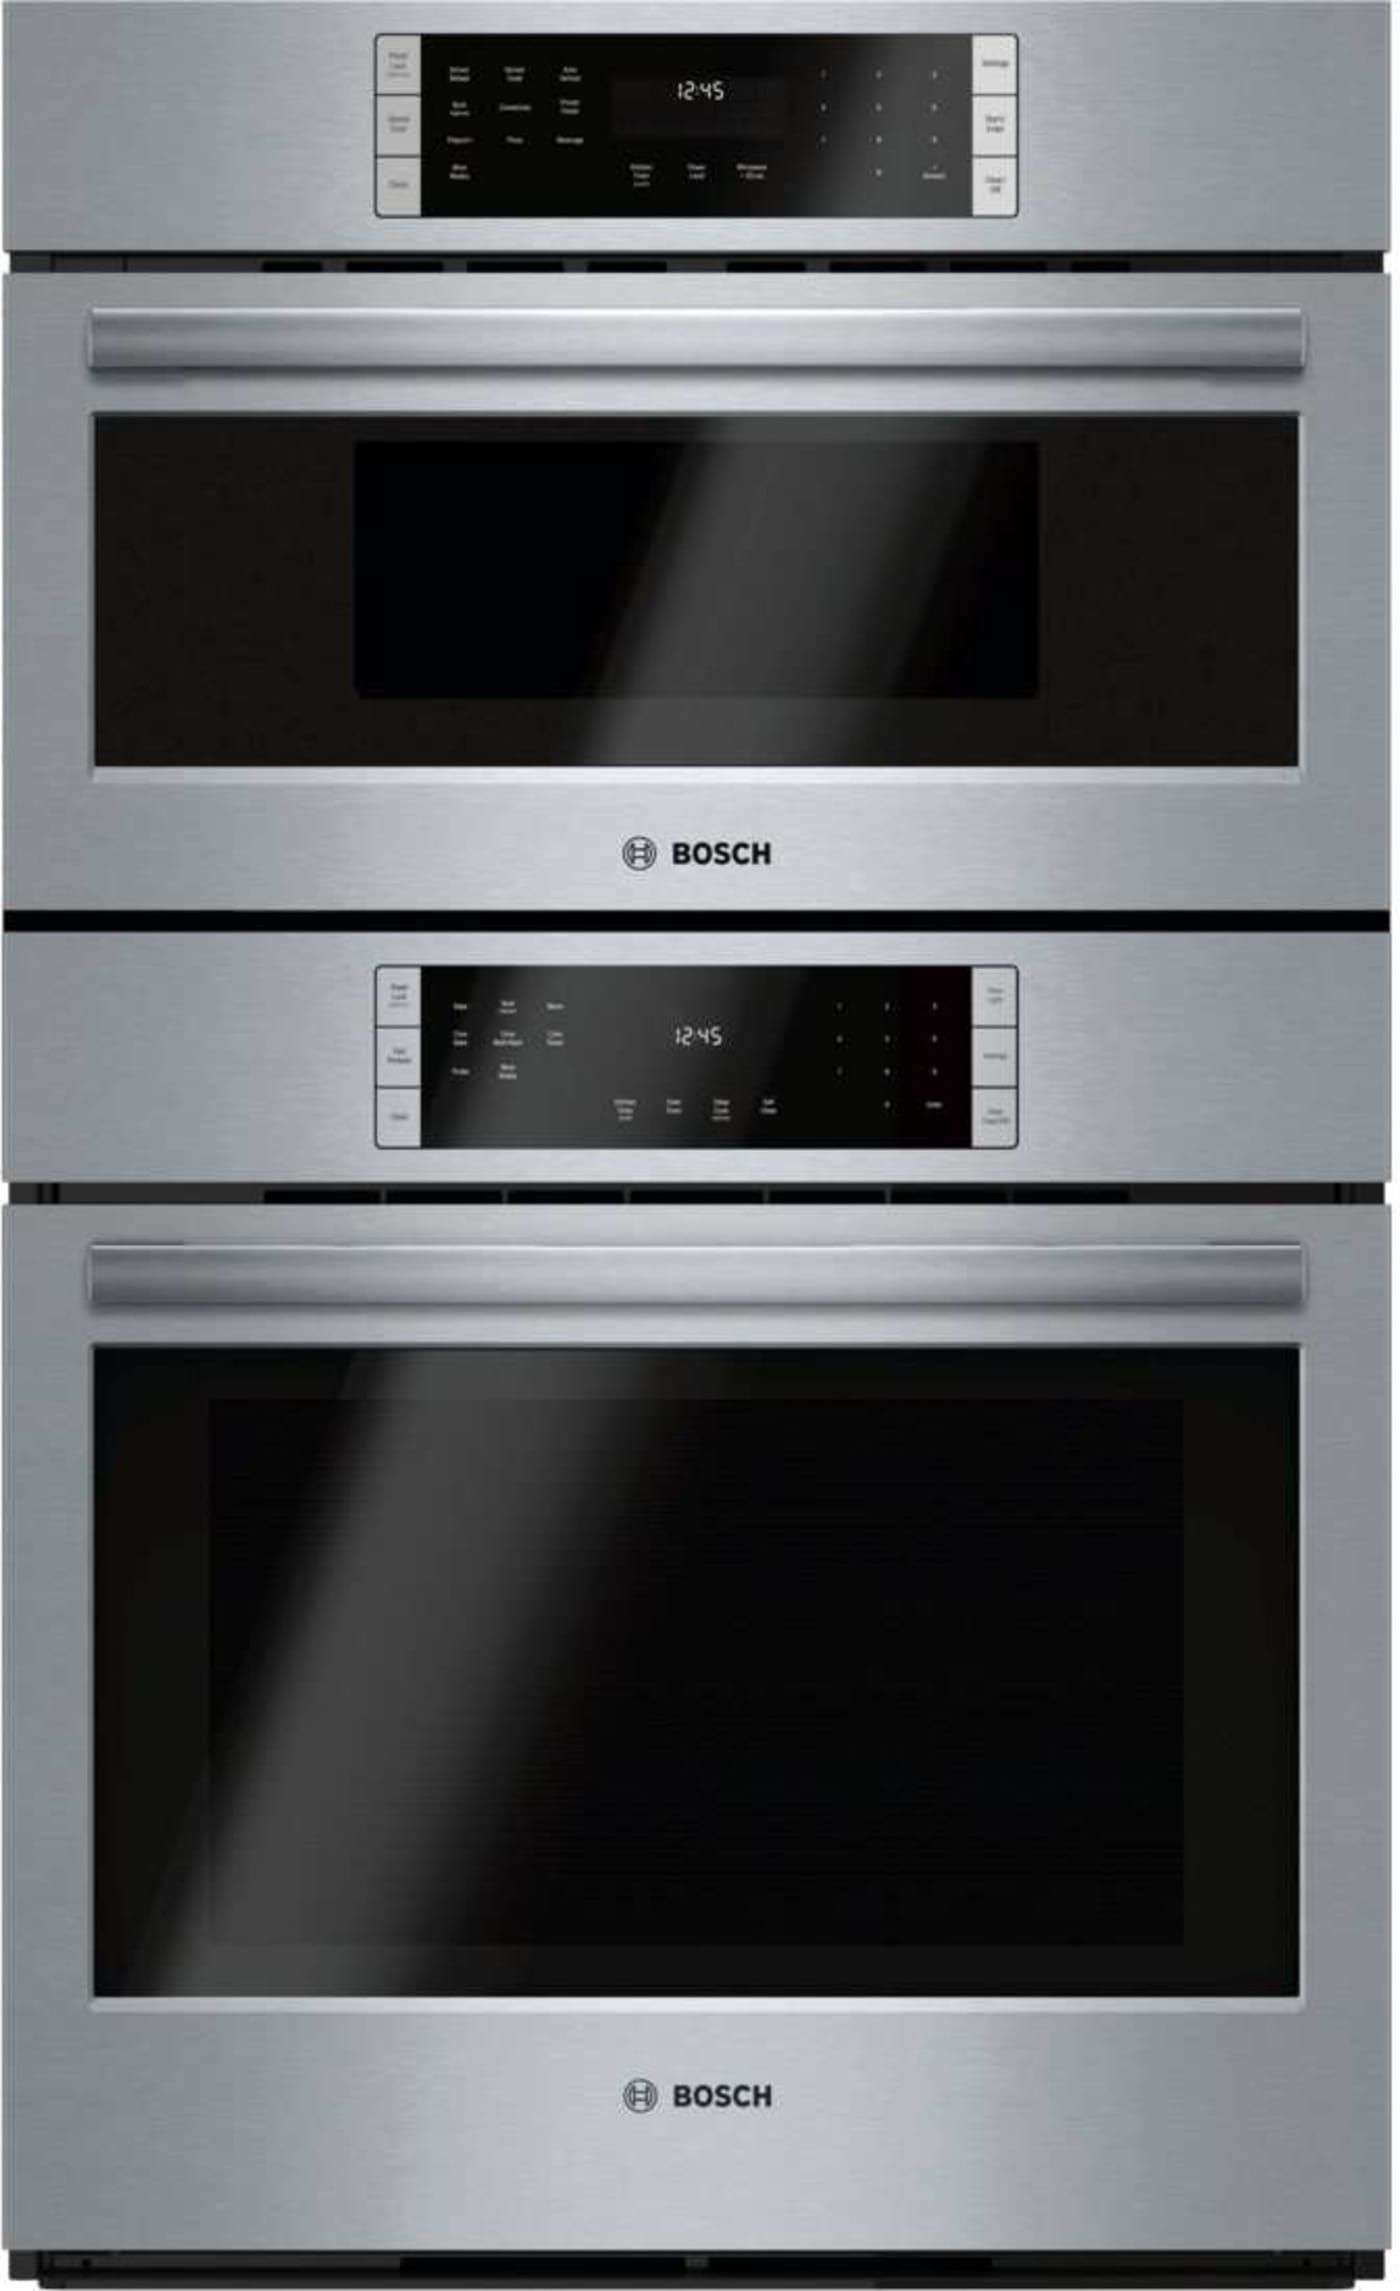 Bosch hbluc in bosch appliances pinterest wall oven